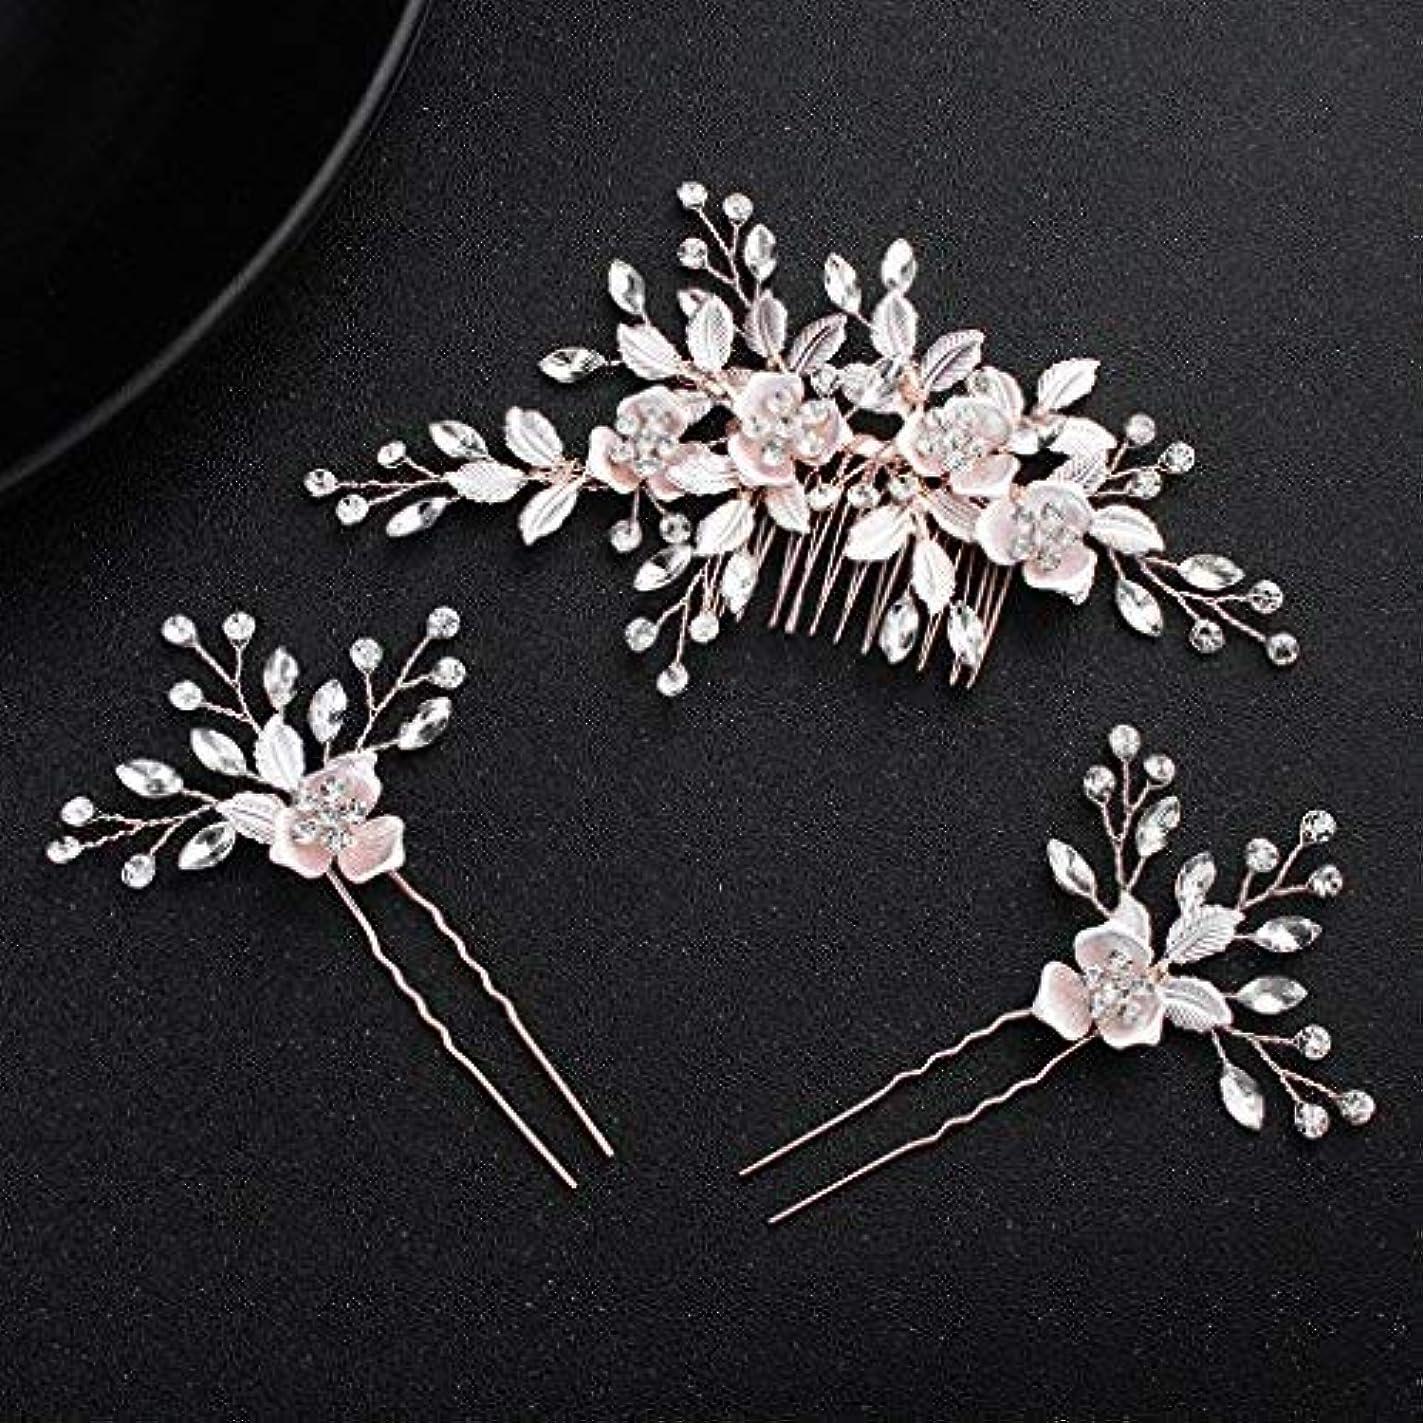 拘束ソブリケットトラクターobqoo Crystal Flowers Style Colorful Leaves Metal Bridal Hair Comb with 2 pcs Pins Rose Gold [並行輸入品]